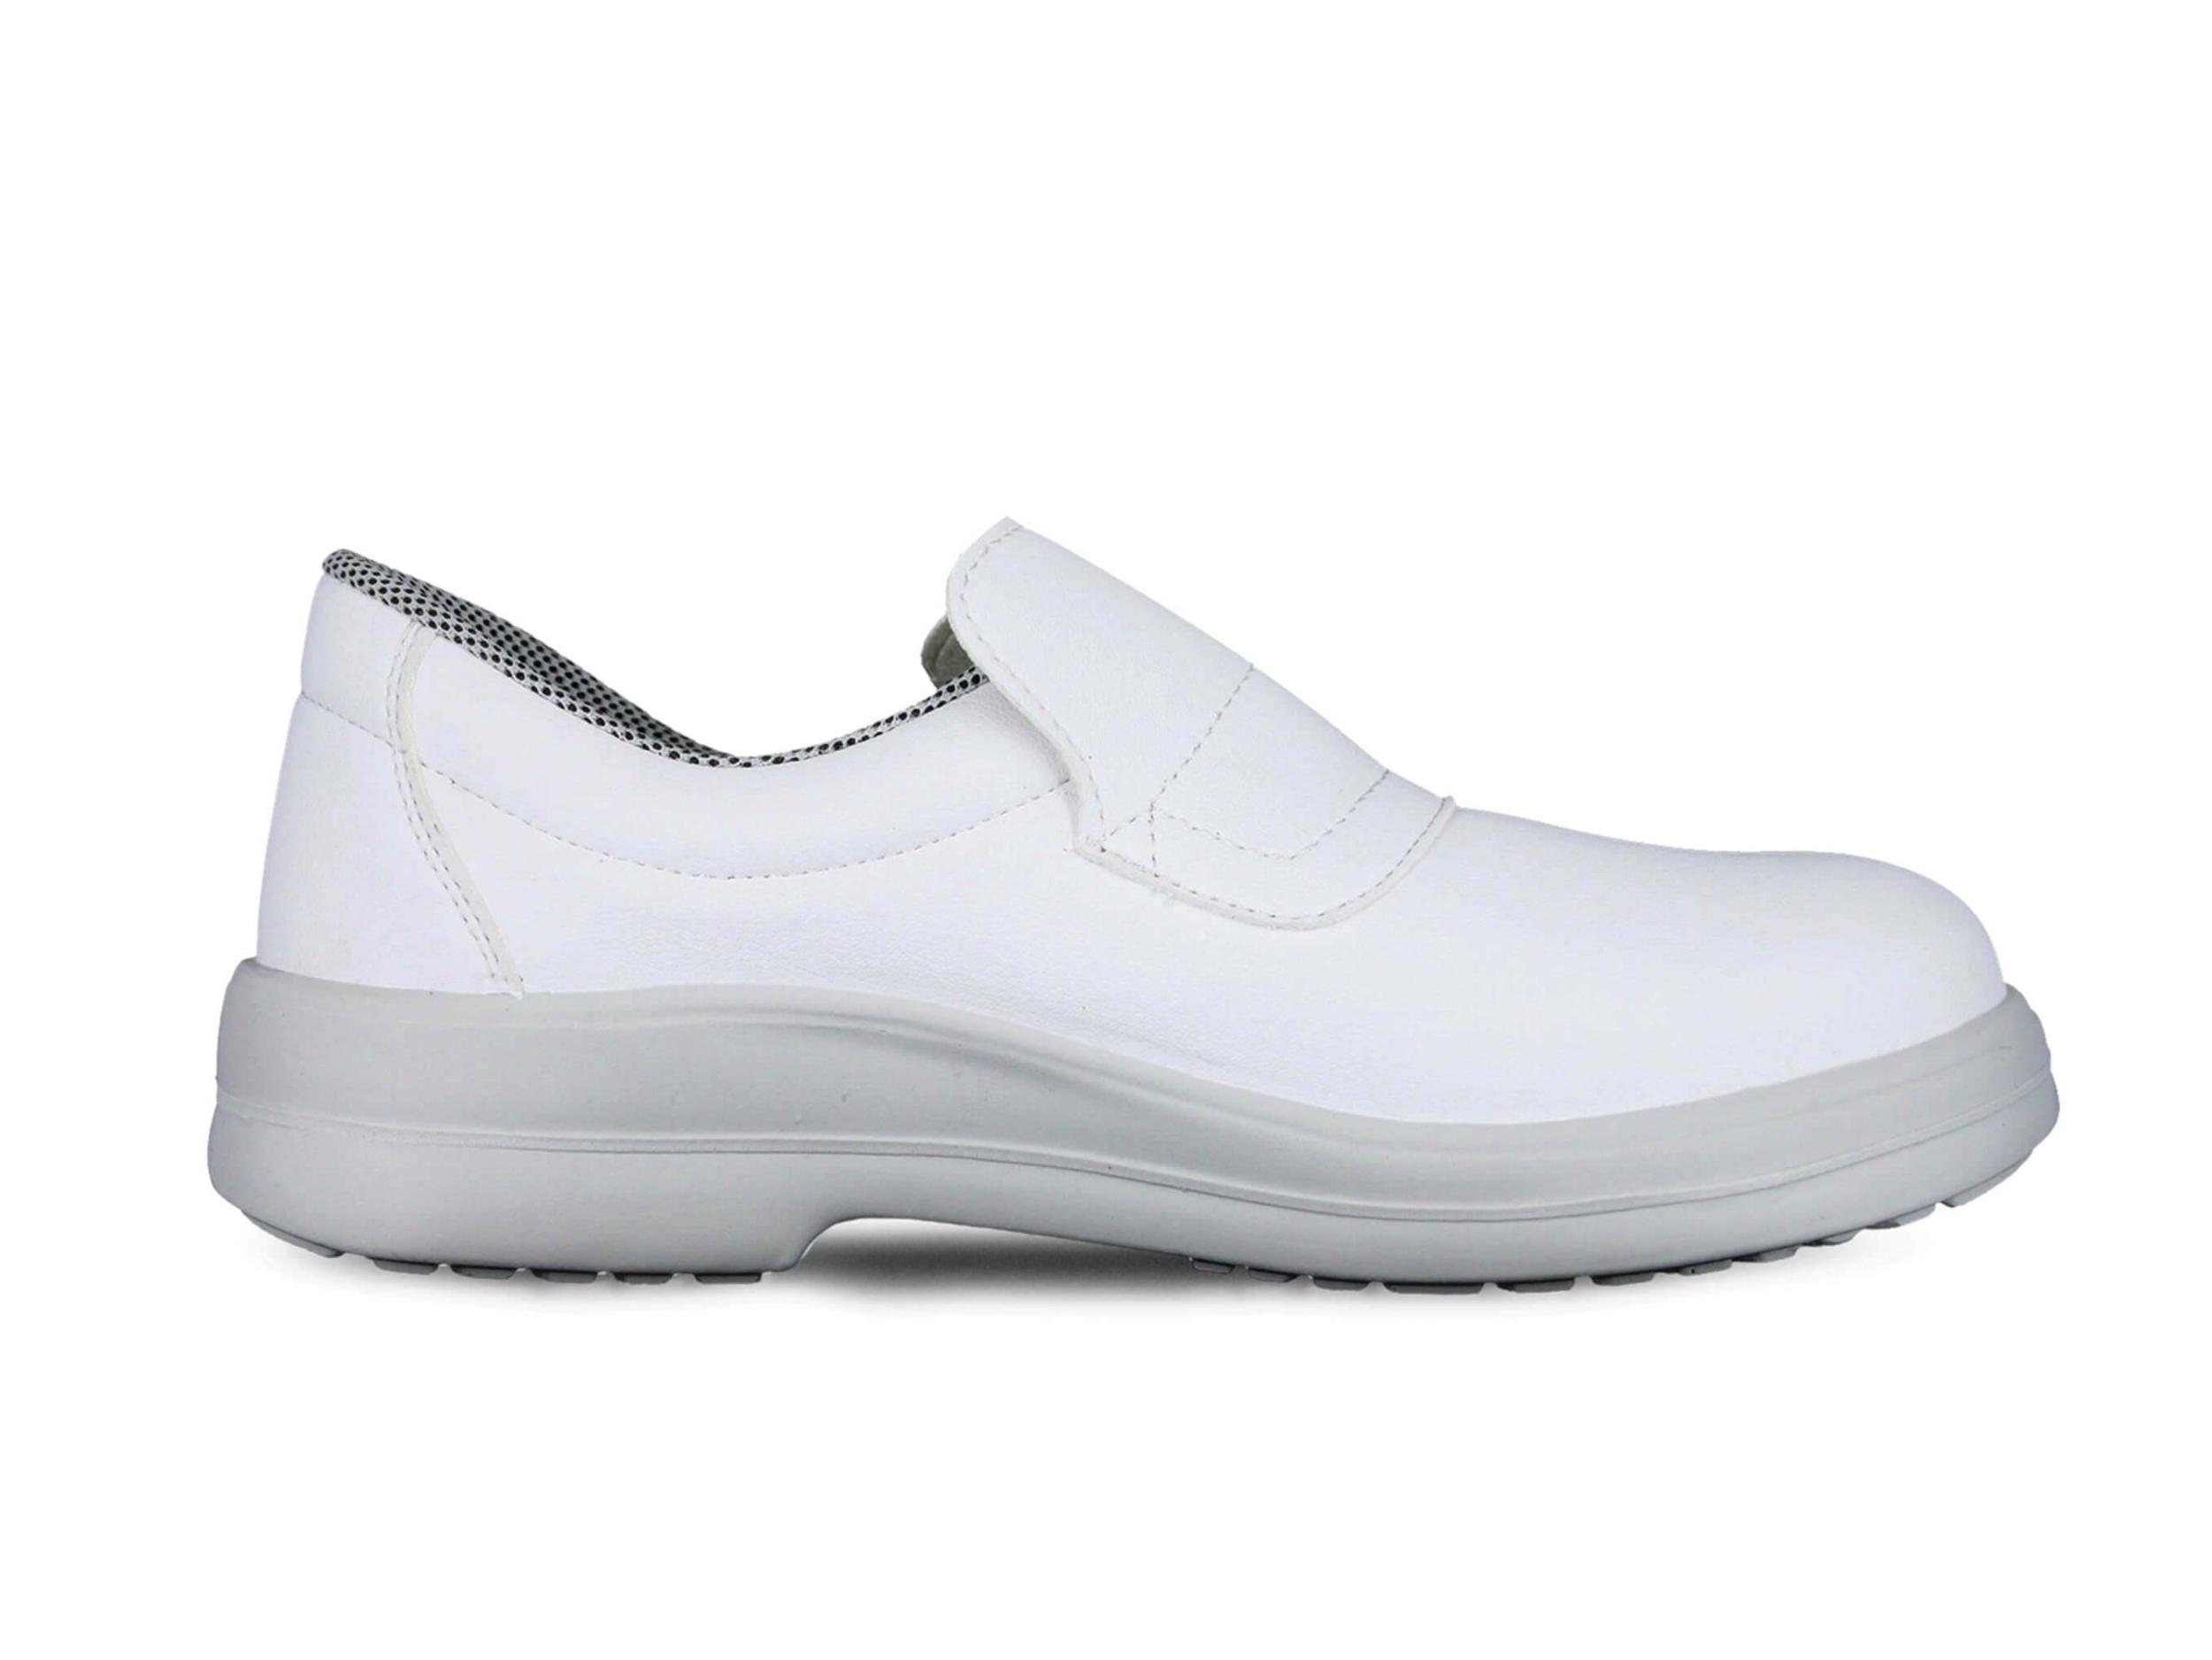 ae9ceb0f70162f Chaussures de sécurité homme ou femme. Chaussures et bottes de travail